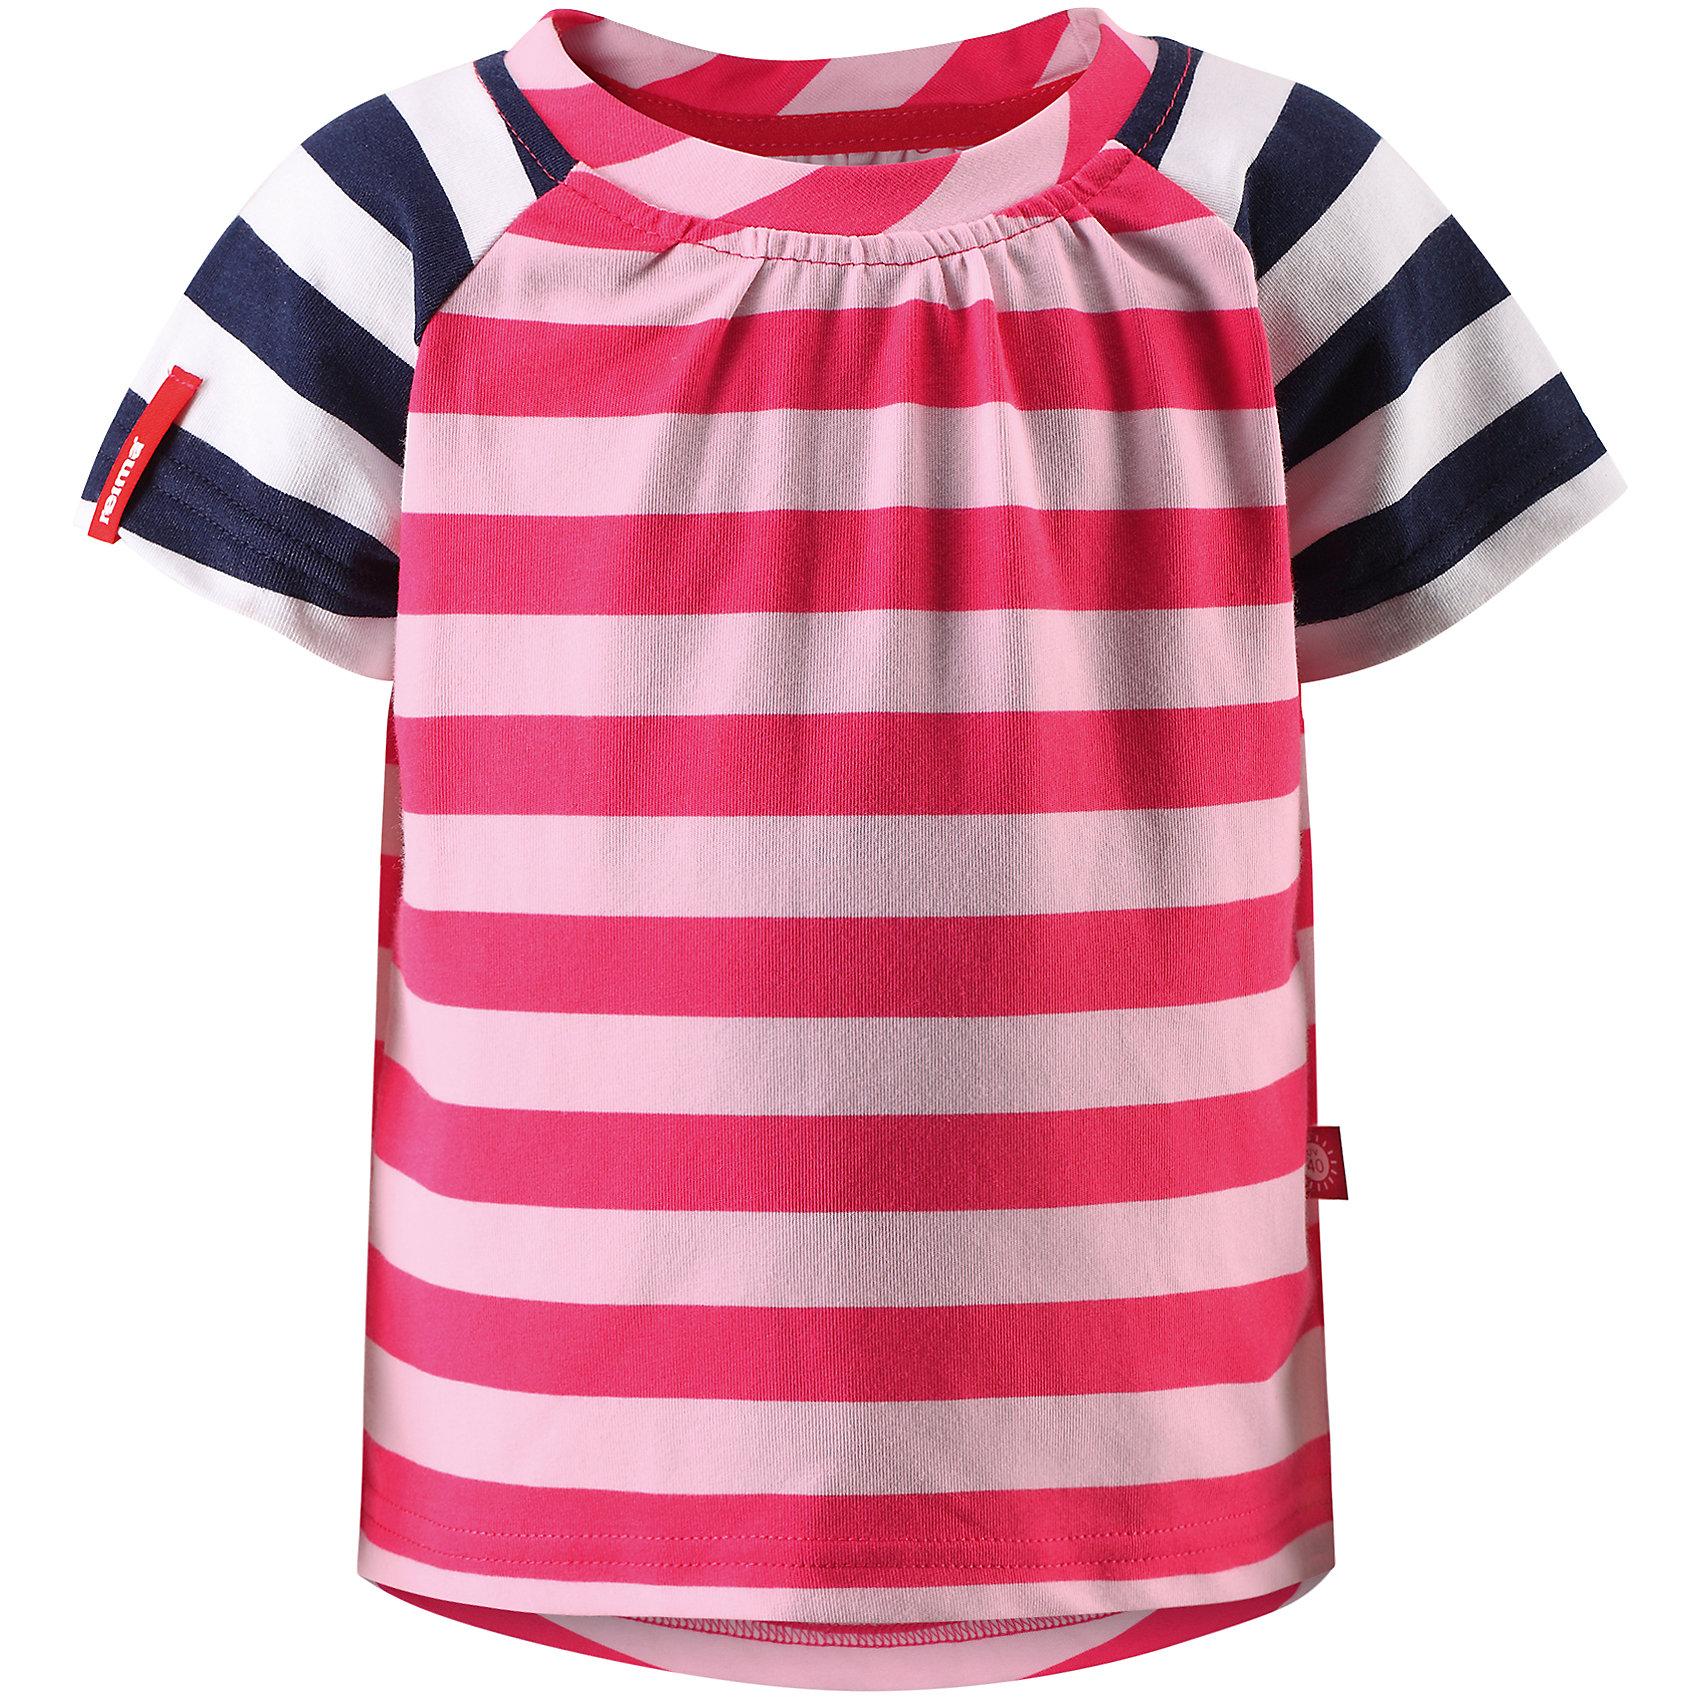 Футболка Sampi для девочки ReimaХарактеристики товара:<br><br>• цвет: розовый<br>• состав: 65% хлопок, 30% полиэстер, 5% эластан<br>• фактор защиты от ультрафиолета: 40+<br>• быстросохнущий, очень приятный на ощупь материал Play Jersey<br>• приятная на ощупь хлопковая поверхность<br>• влагоотводящая изнаночная сторона<br>• страна бренда: Финляндия<br>• страна производства: Китай<br><br>Одежда может быть модной и комфортной одновременно! Удобная симпатичная футболка поможет обеспечить ребенку комфорт - она не стесняет движения и удобно сидит. Модель стильно смотрится, отлично сочетается с различными головными уборами и обувью. Стильный дизайн разрабатывался специально для детей.<br><br>Уход:<br><br>• стирать и гладить, вывернув наизнанку<br>• стирать с бельем одинакового цвета<br>• стирать моющим средством, не содержащим отбеливающие вещества<br>• полоскать без специального средства<br>• придать первоначальную форму вo влажном виде.<br><br>Футболку для девочки от финского бренда Reima (Рейма) можно купить в нашем интернет-магазине.<br><br>Ширина мм: 199<br>Глубина мм: 10<br>Высота мм: 161<br>Вес г: 151<br>Цвет: розовый<br>Возраст от месяцев: 18<br>Возраст до месяцев: 24<br>Пол: Женский<br>Возраст: Детский<br>Размер: 92,80,86,110,116,128,122,104,98<br>SKU: 5271190